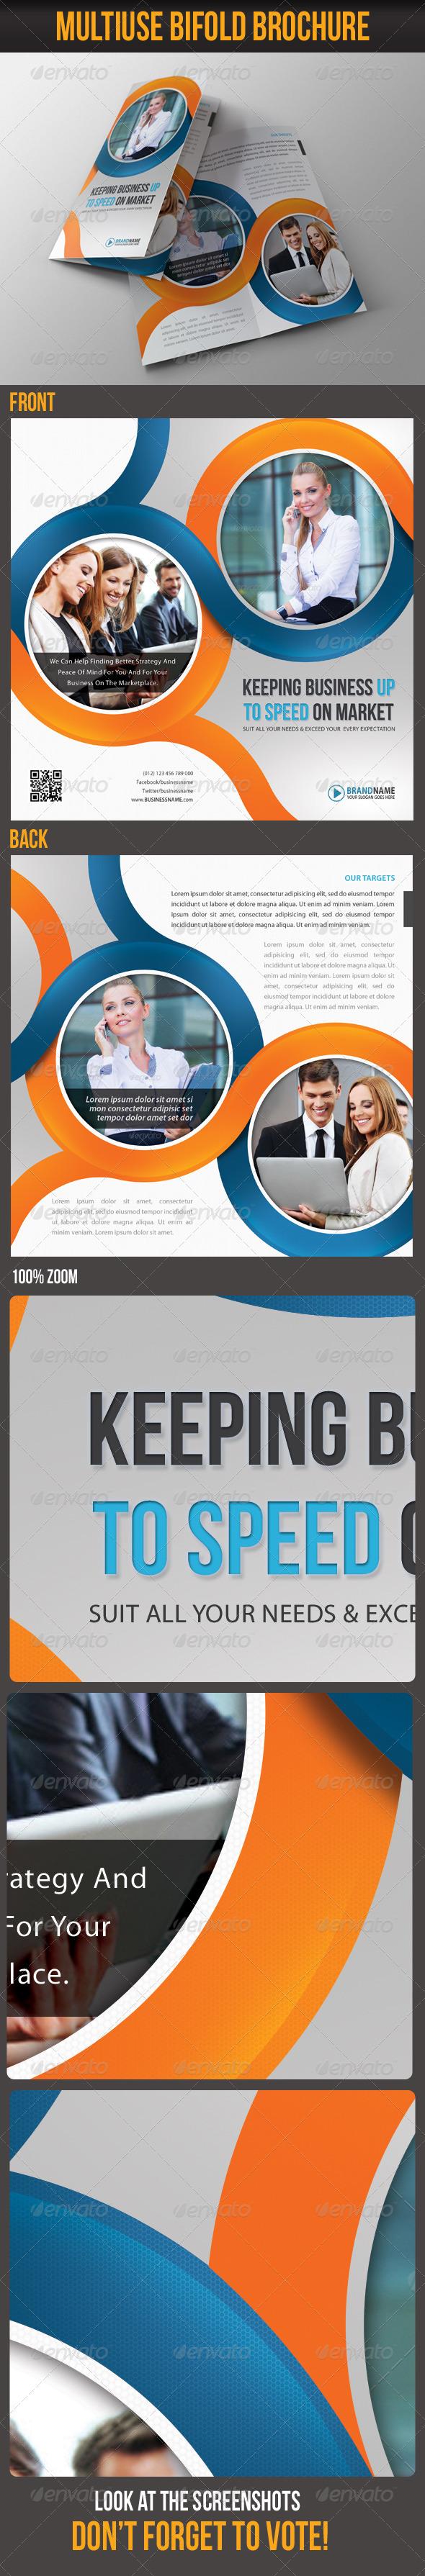 Multiuse Bifold Brochure 40 - Corporate Brochures